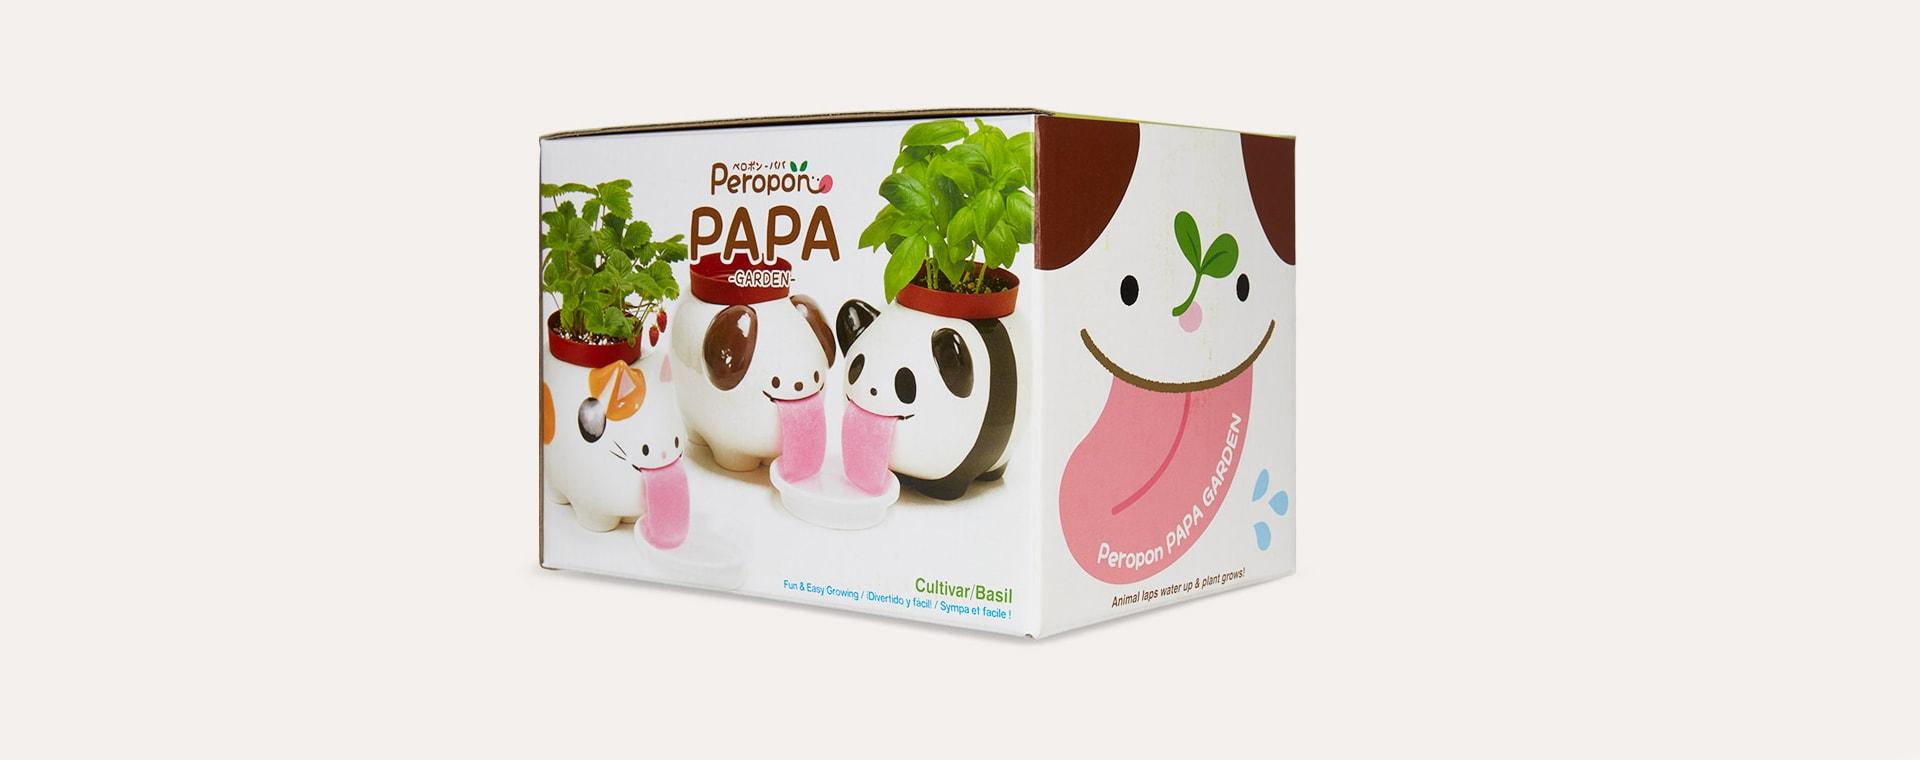 Panda Noted Papa Peropon Drinking Animal Planter